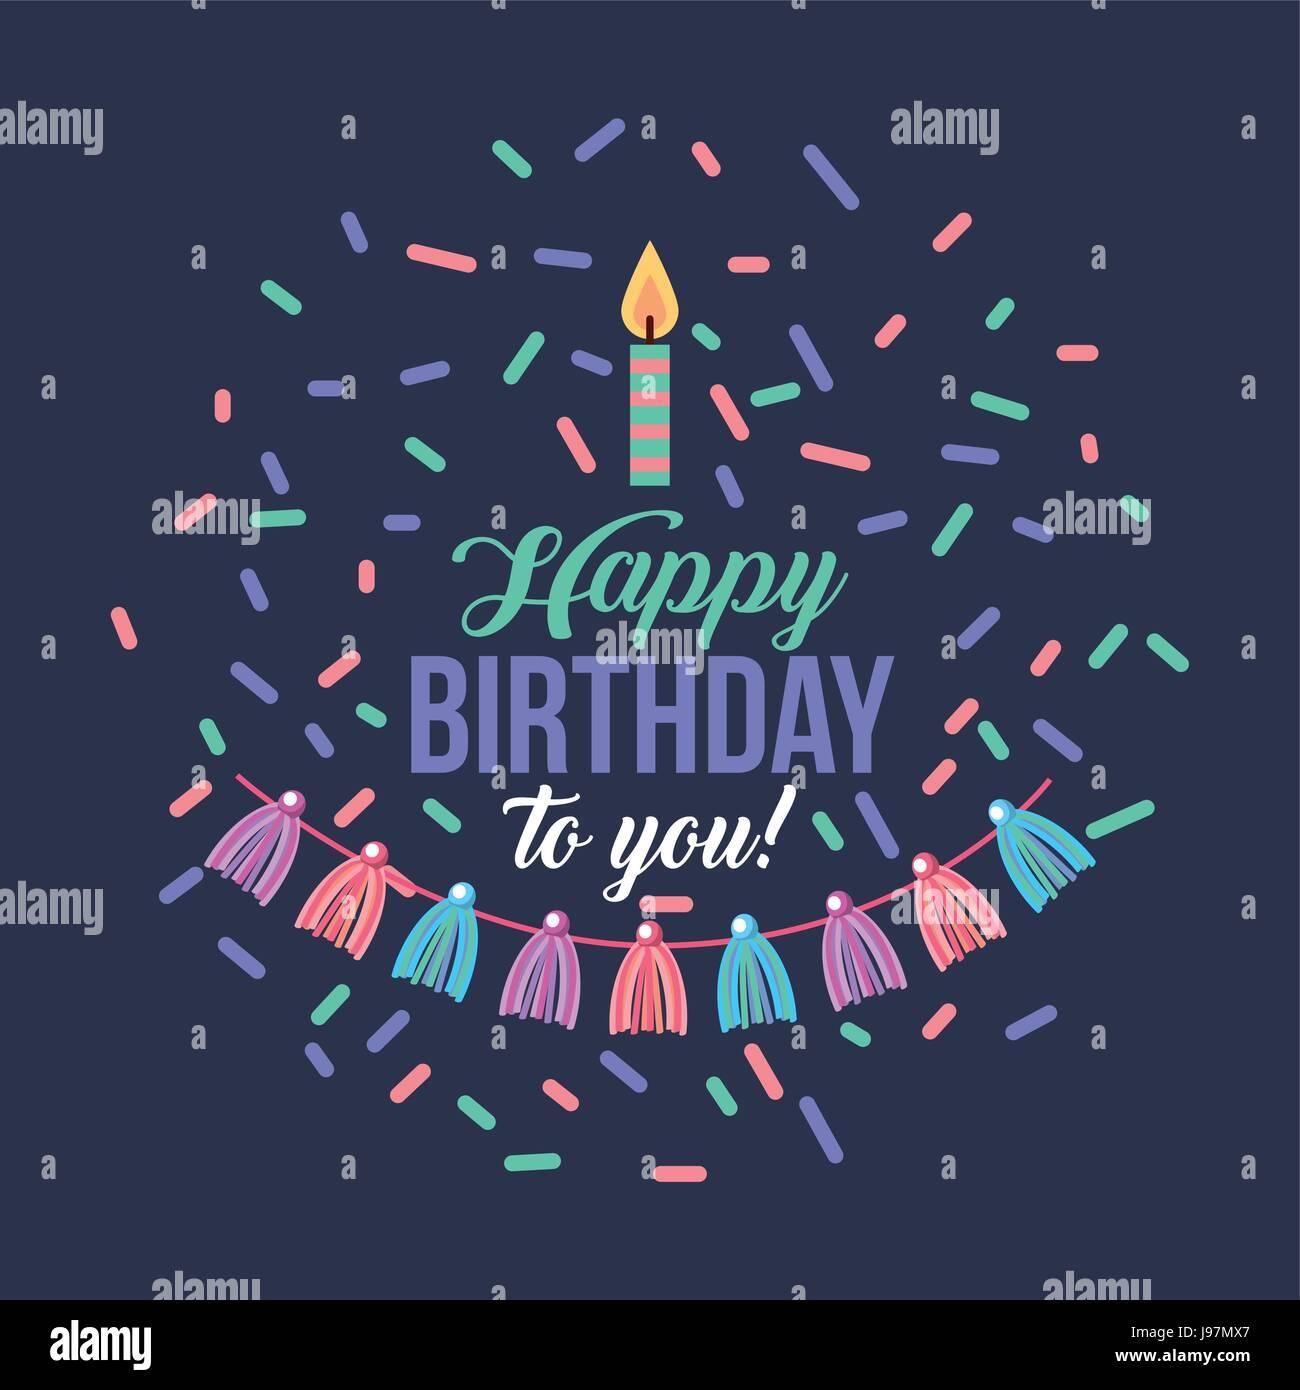 Buon compleanno kawaii sfondo Immagini Stock